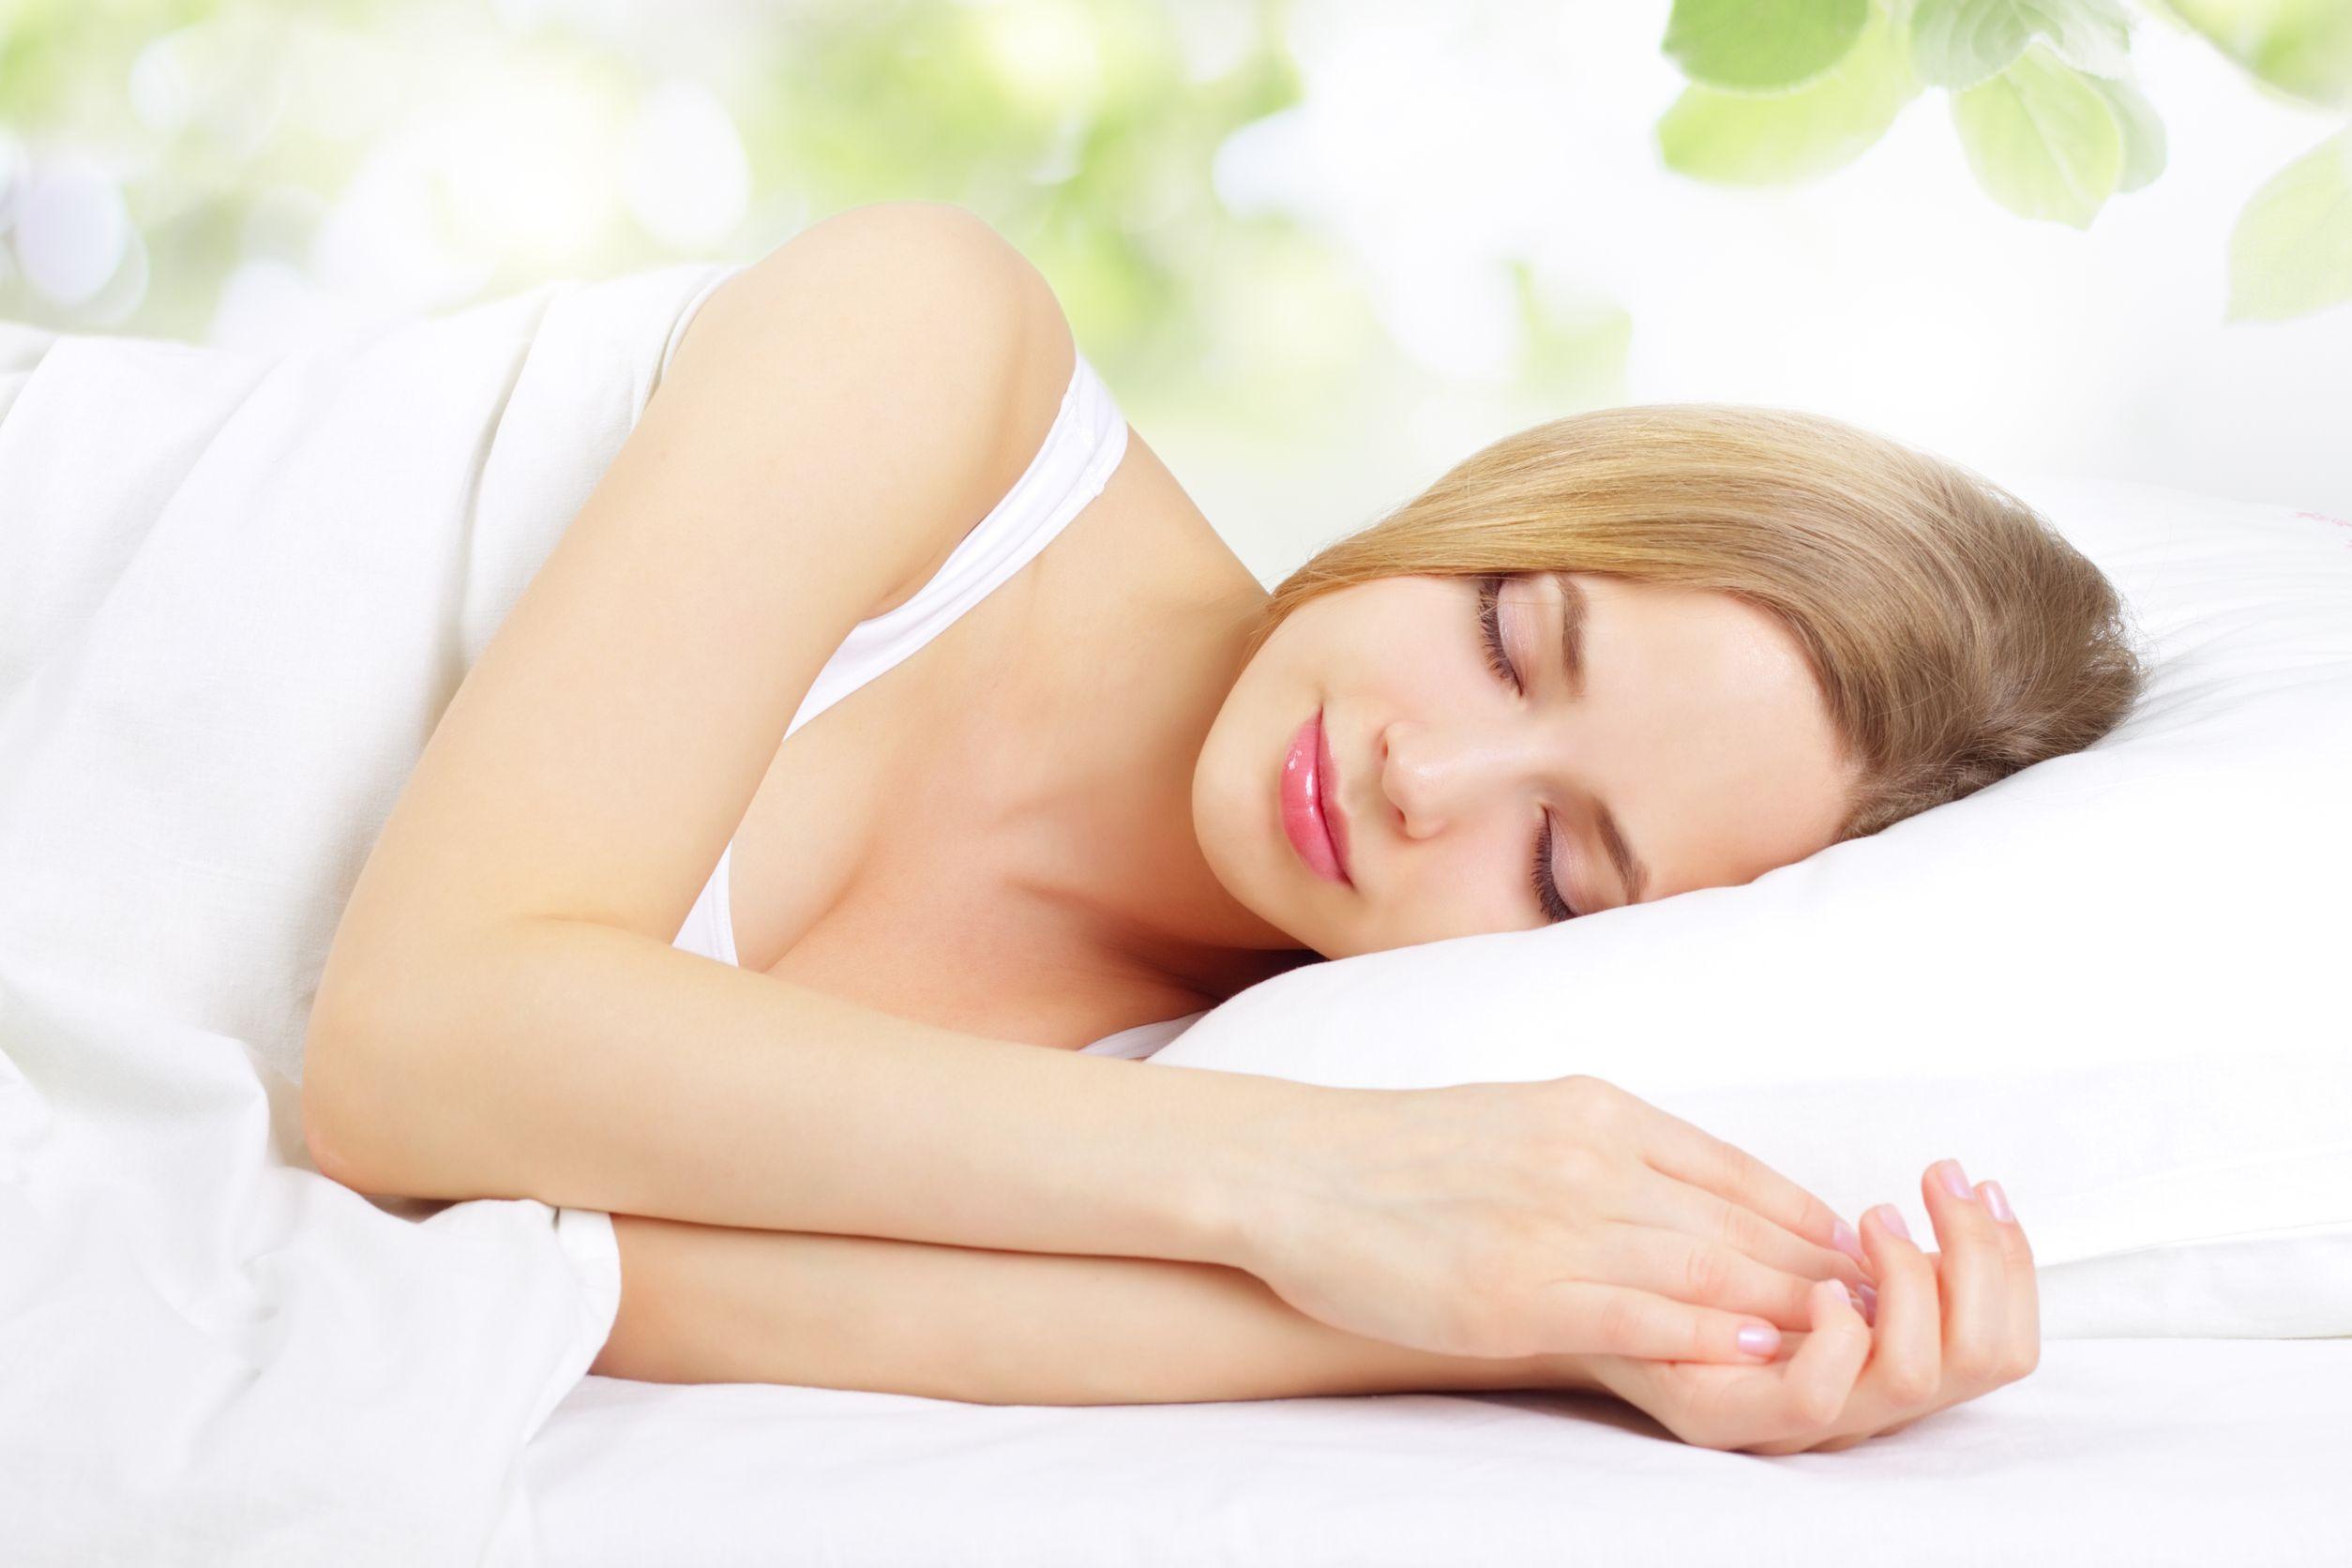 Сонник - толкование снов и сновидений бесплатно, онлайн сонник